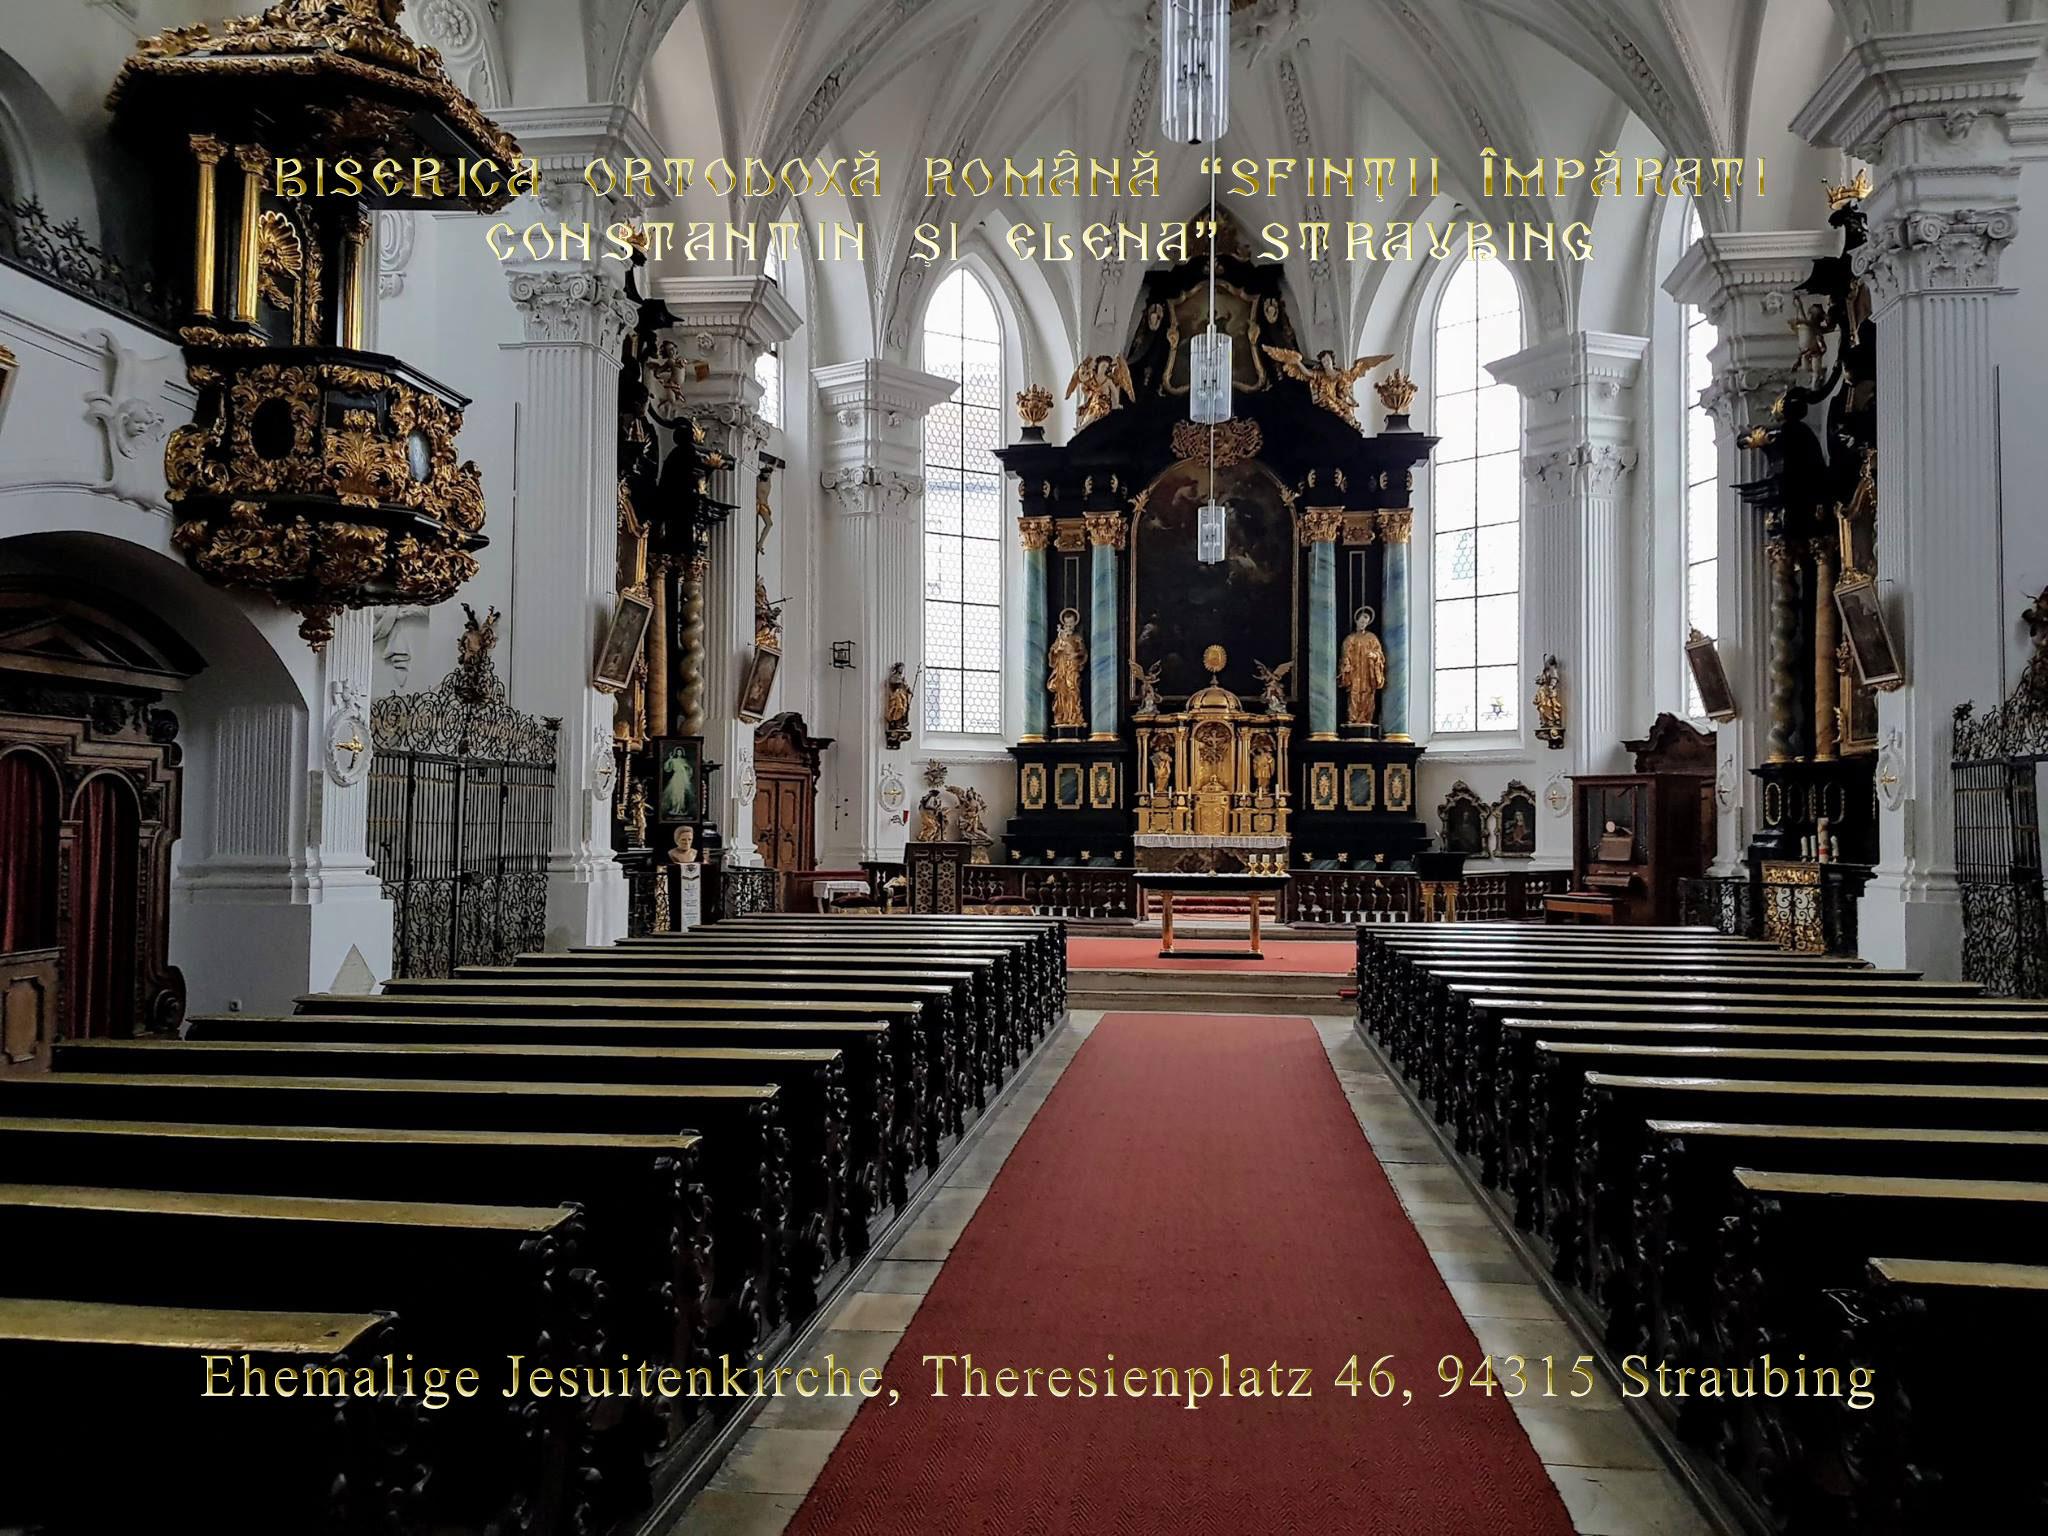 """Biserica Ortodoxă Română """"Sfinţii Împăraţi Constantin şi Elena"""" Straubing - Un loc de suflet pentru suflet, un colţişor de """"acasă"""" pentru toţi românii"""